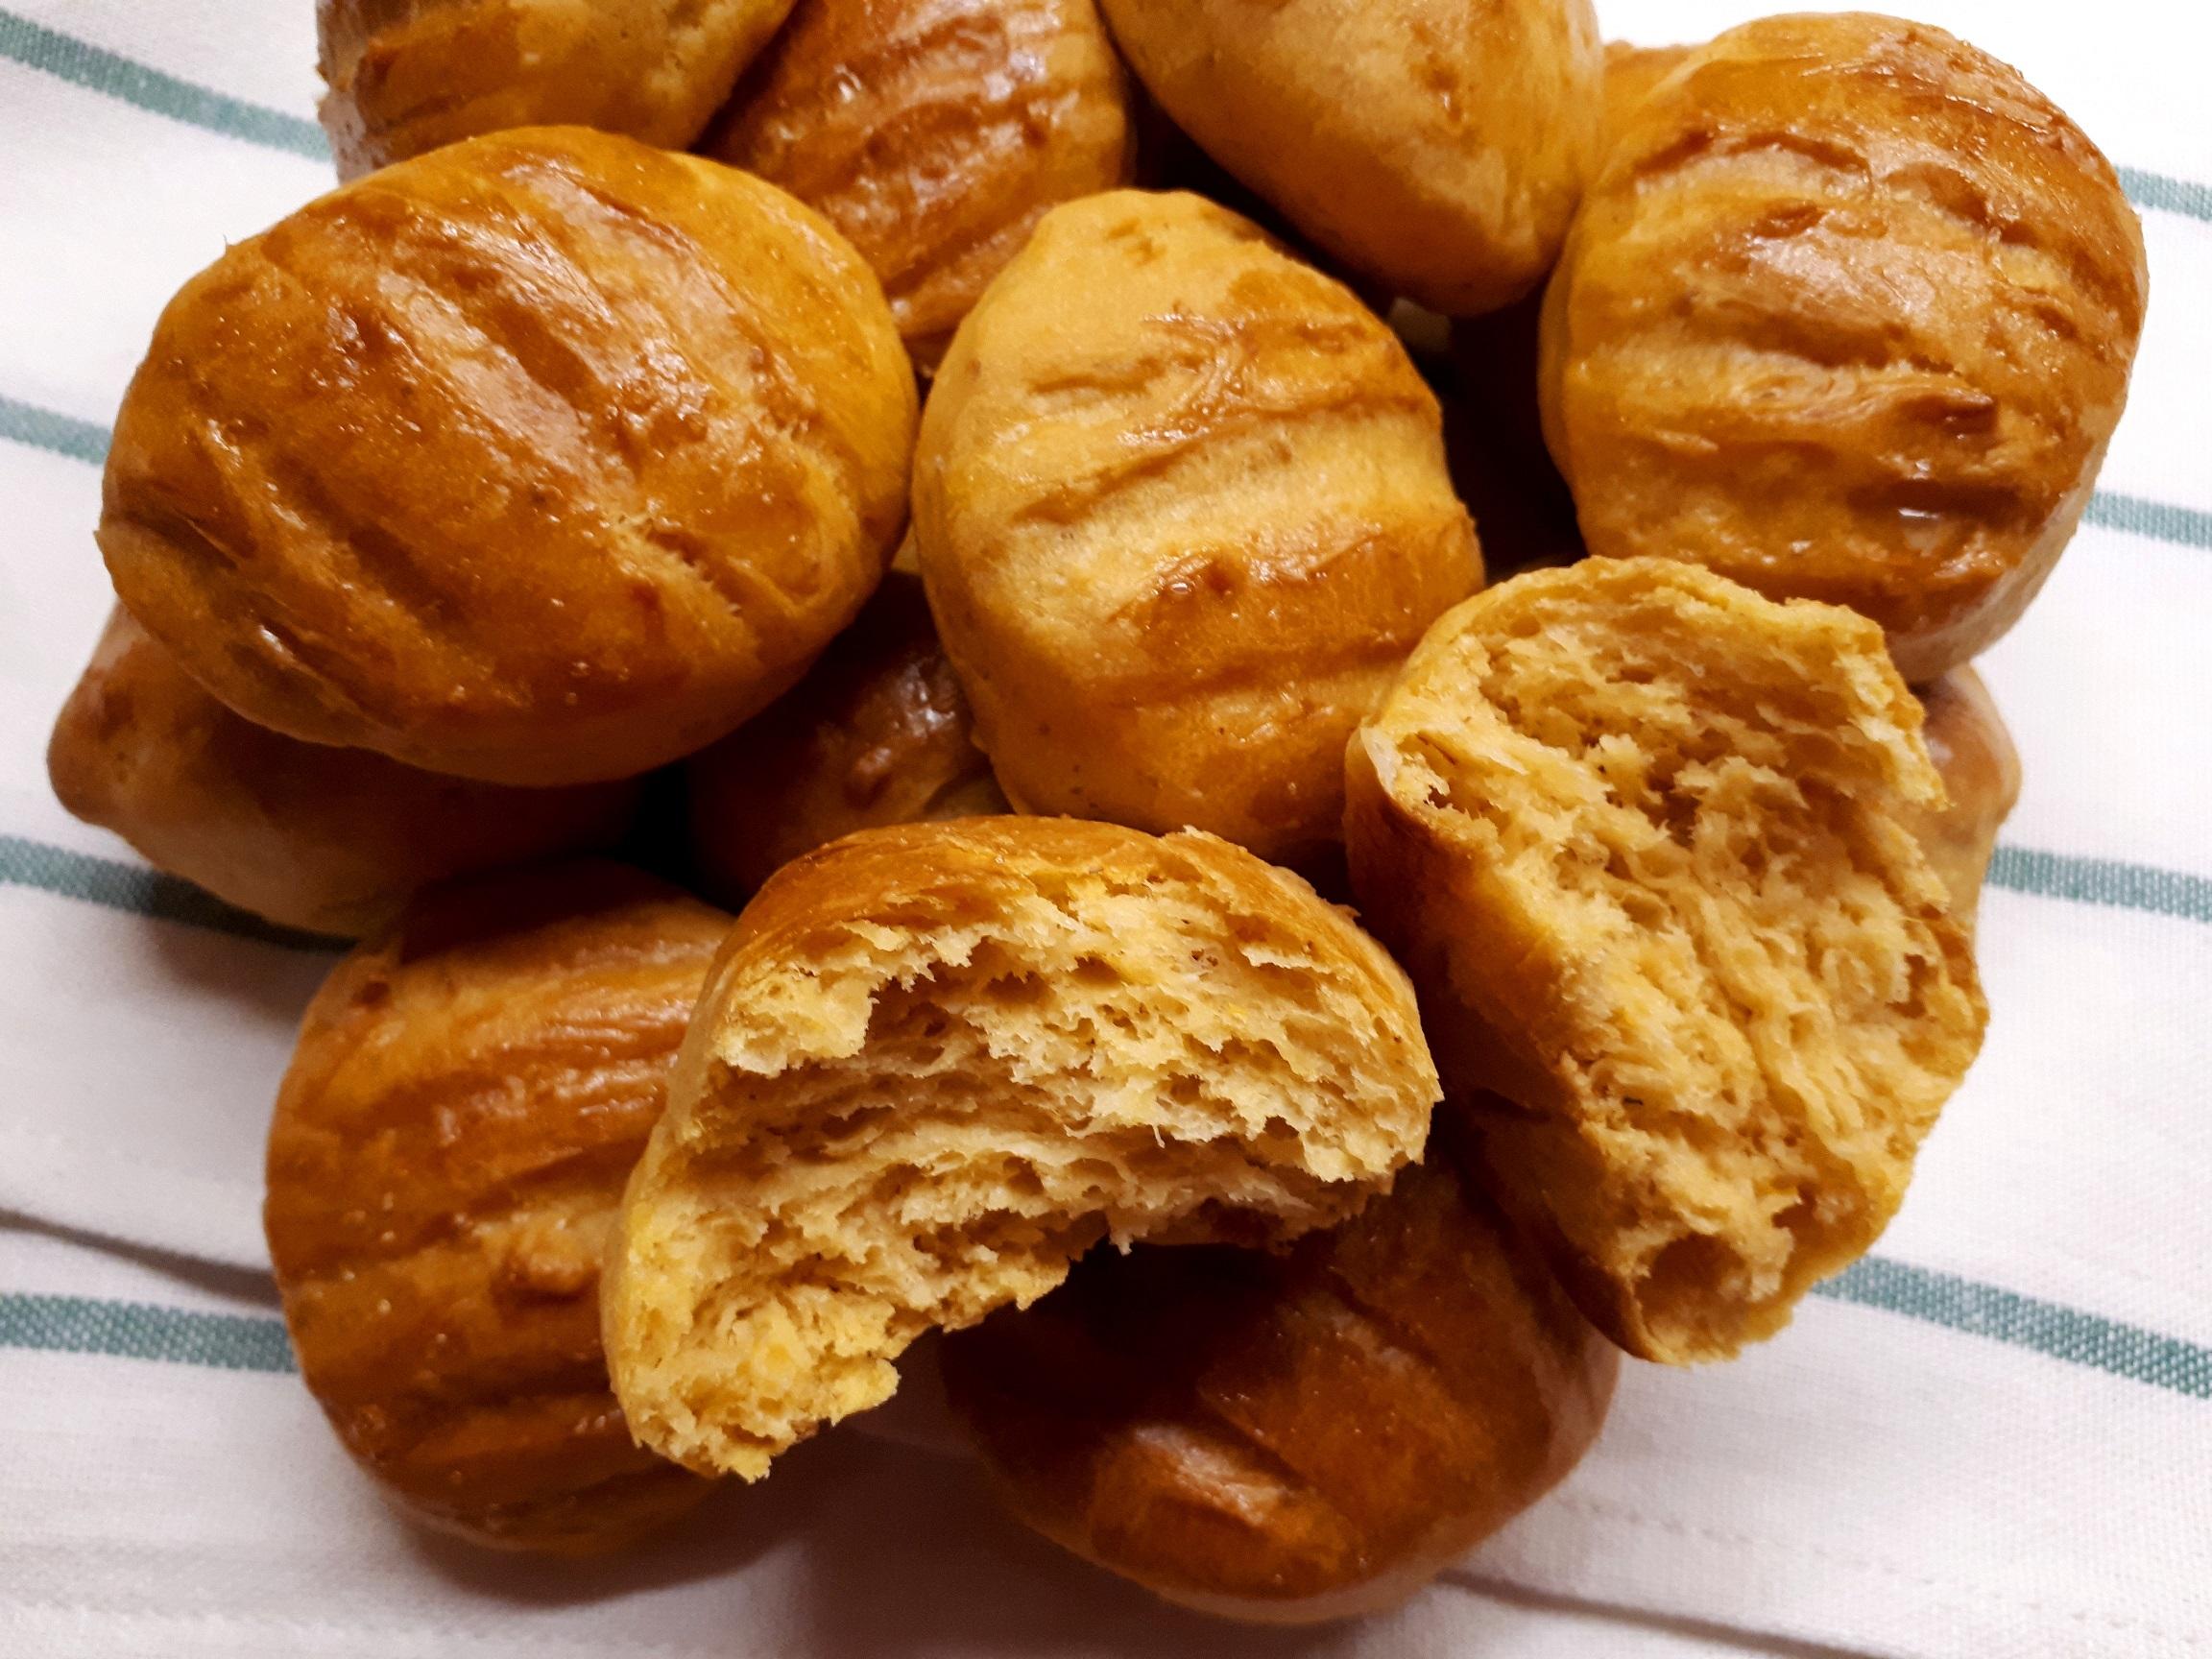 Szénhidrátcsökkentett édesburgonyás pogácsa (diétás krumplis pogácsa) Dia Wellness 50 szénhidrátcsökkentett lisztből